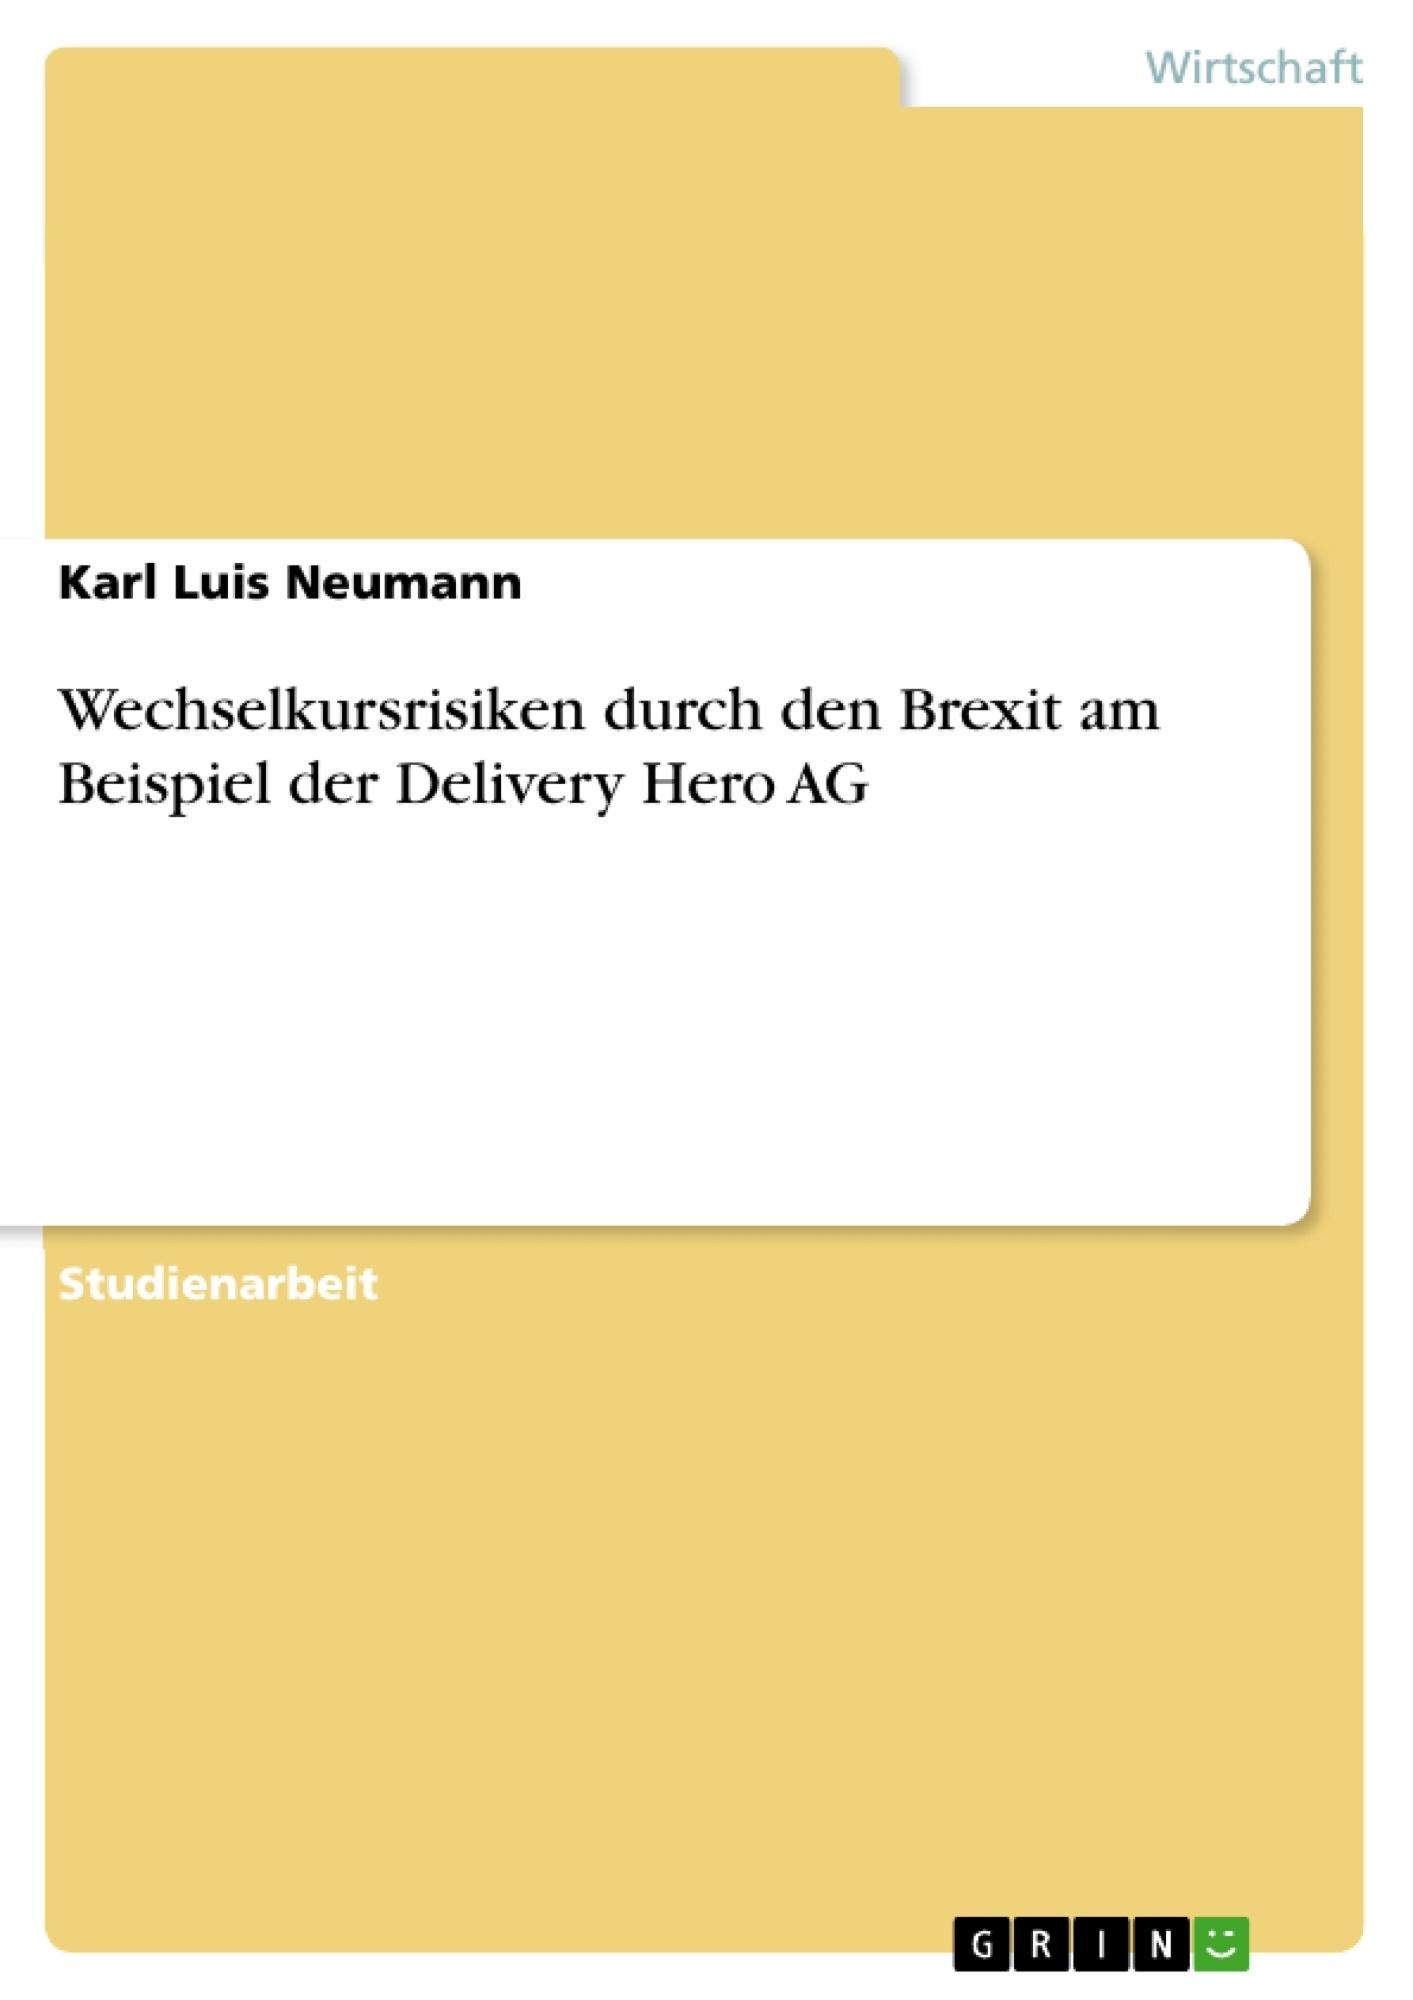 Titel: Wechselkursrisiken durch den Brexit am Beispiel der Delivery Hero AG